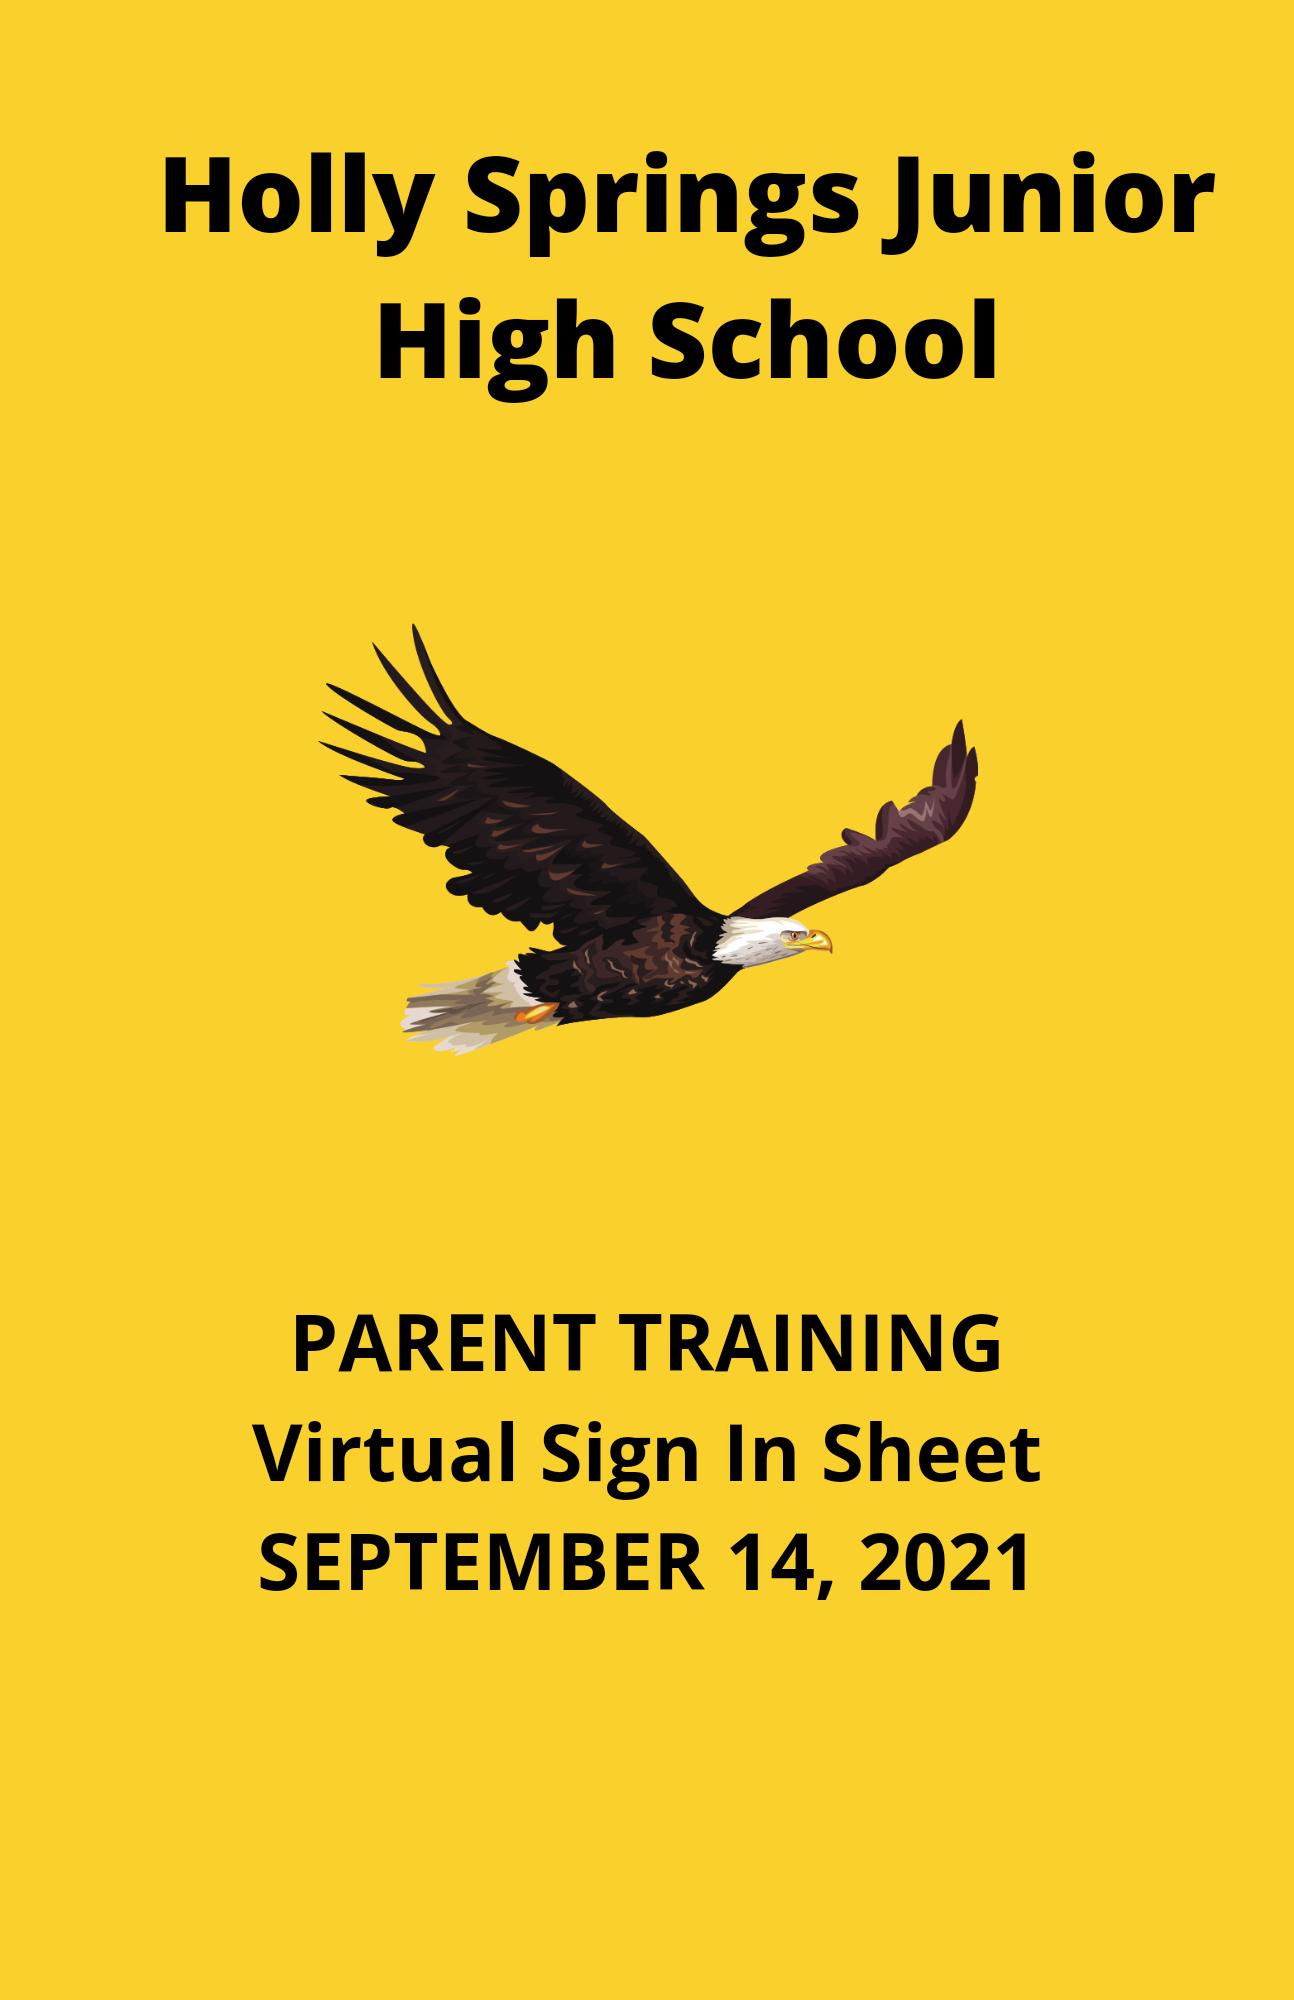 Parent Training Sign In